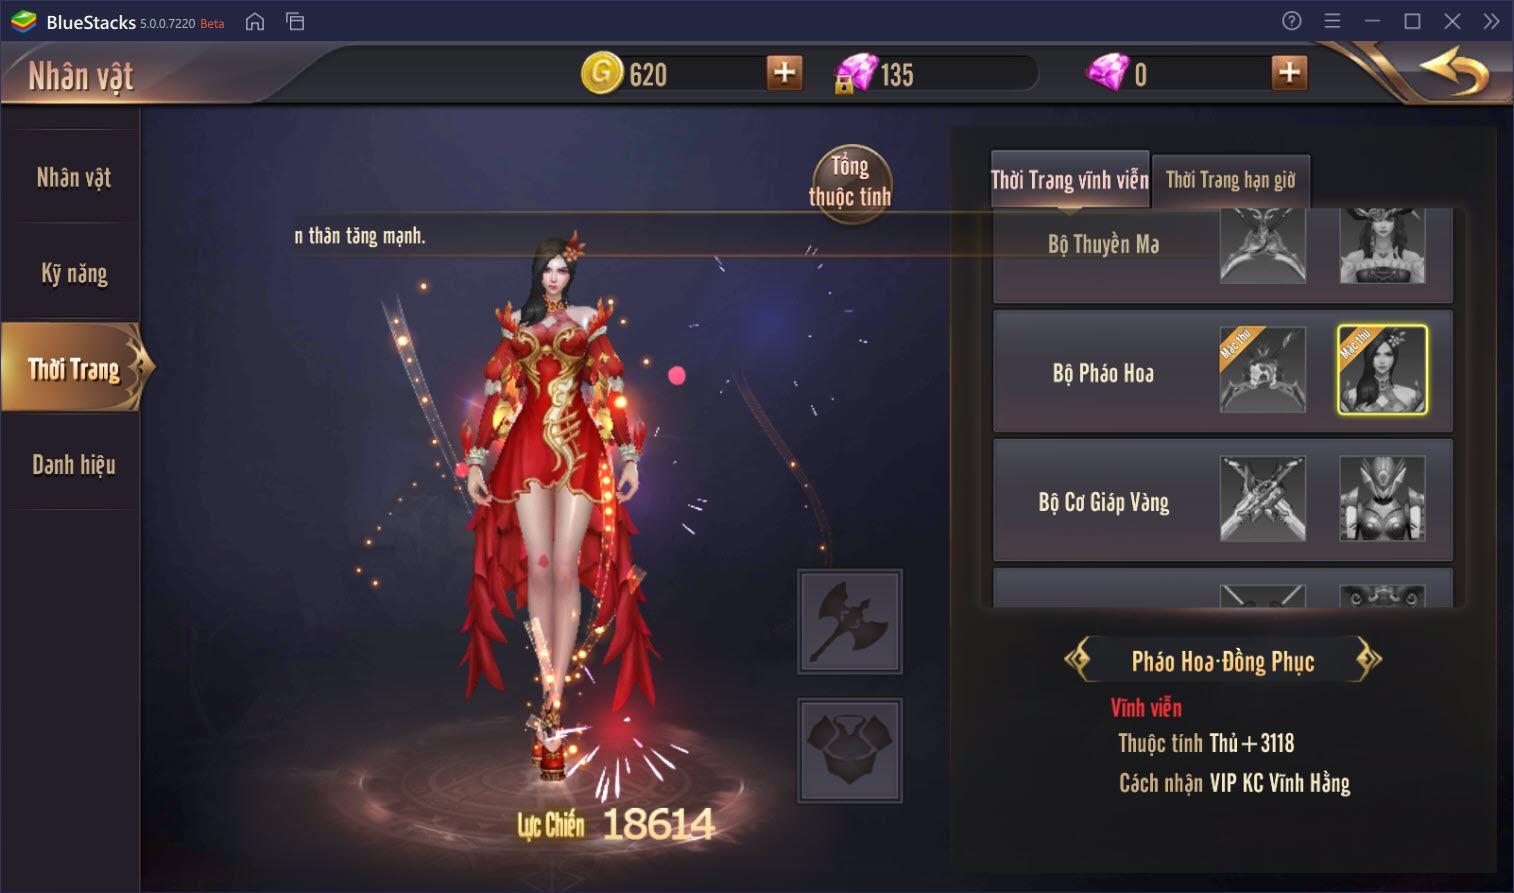 Hướng dẫn nâng cấp cường hóa nhân vật trong Vương Thần Mobile